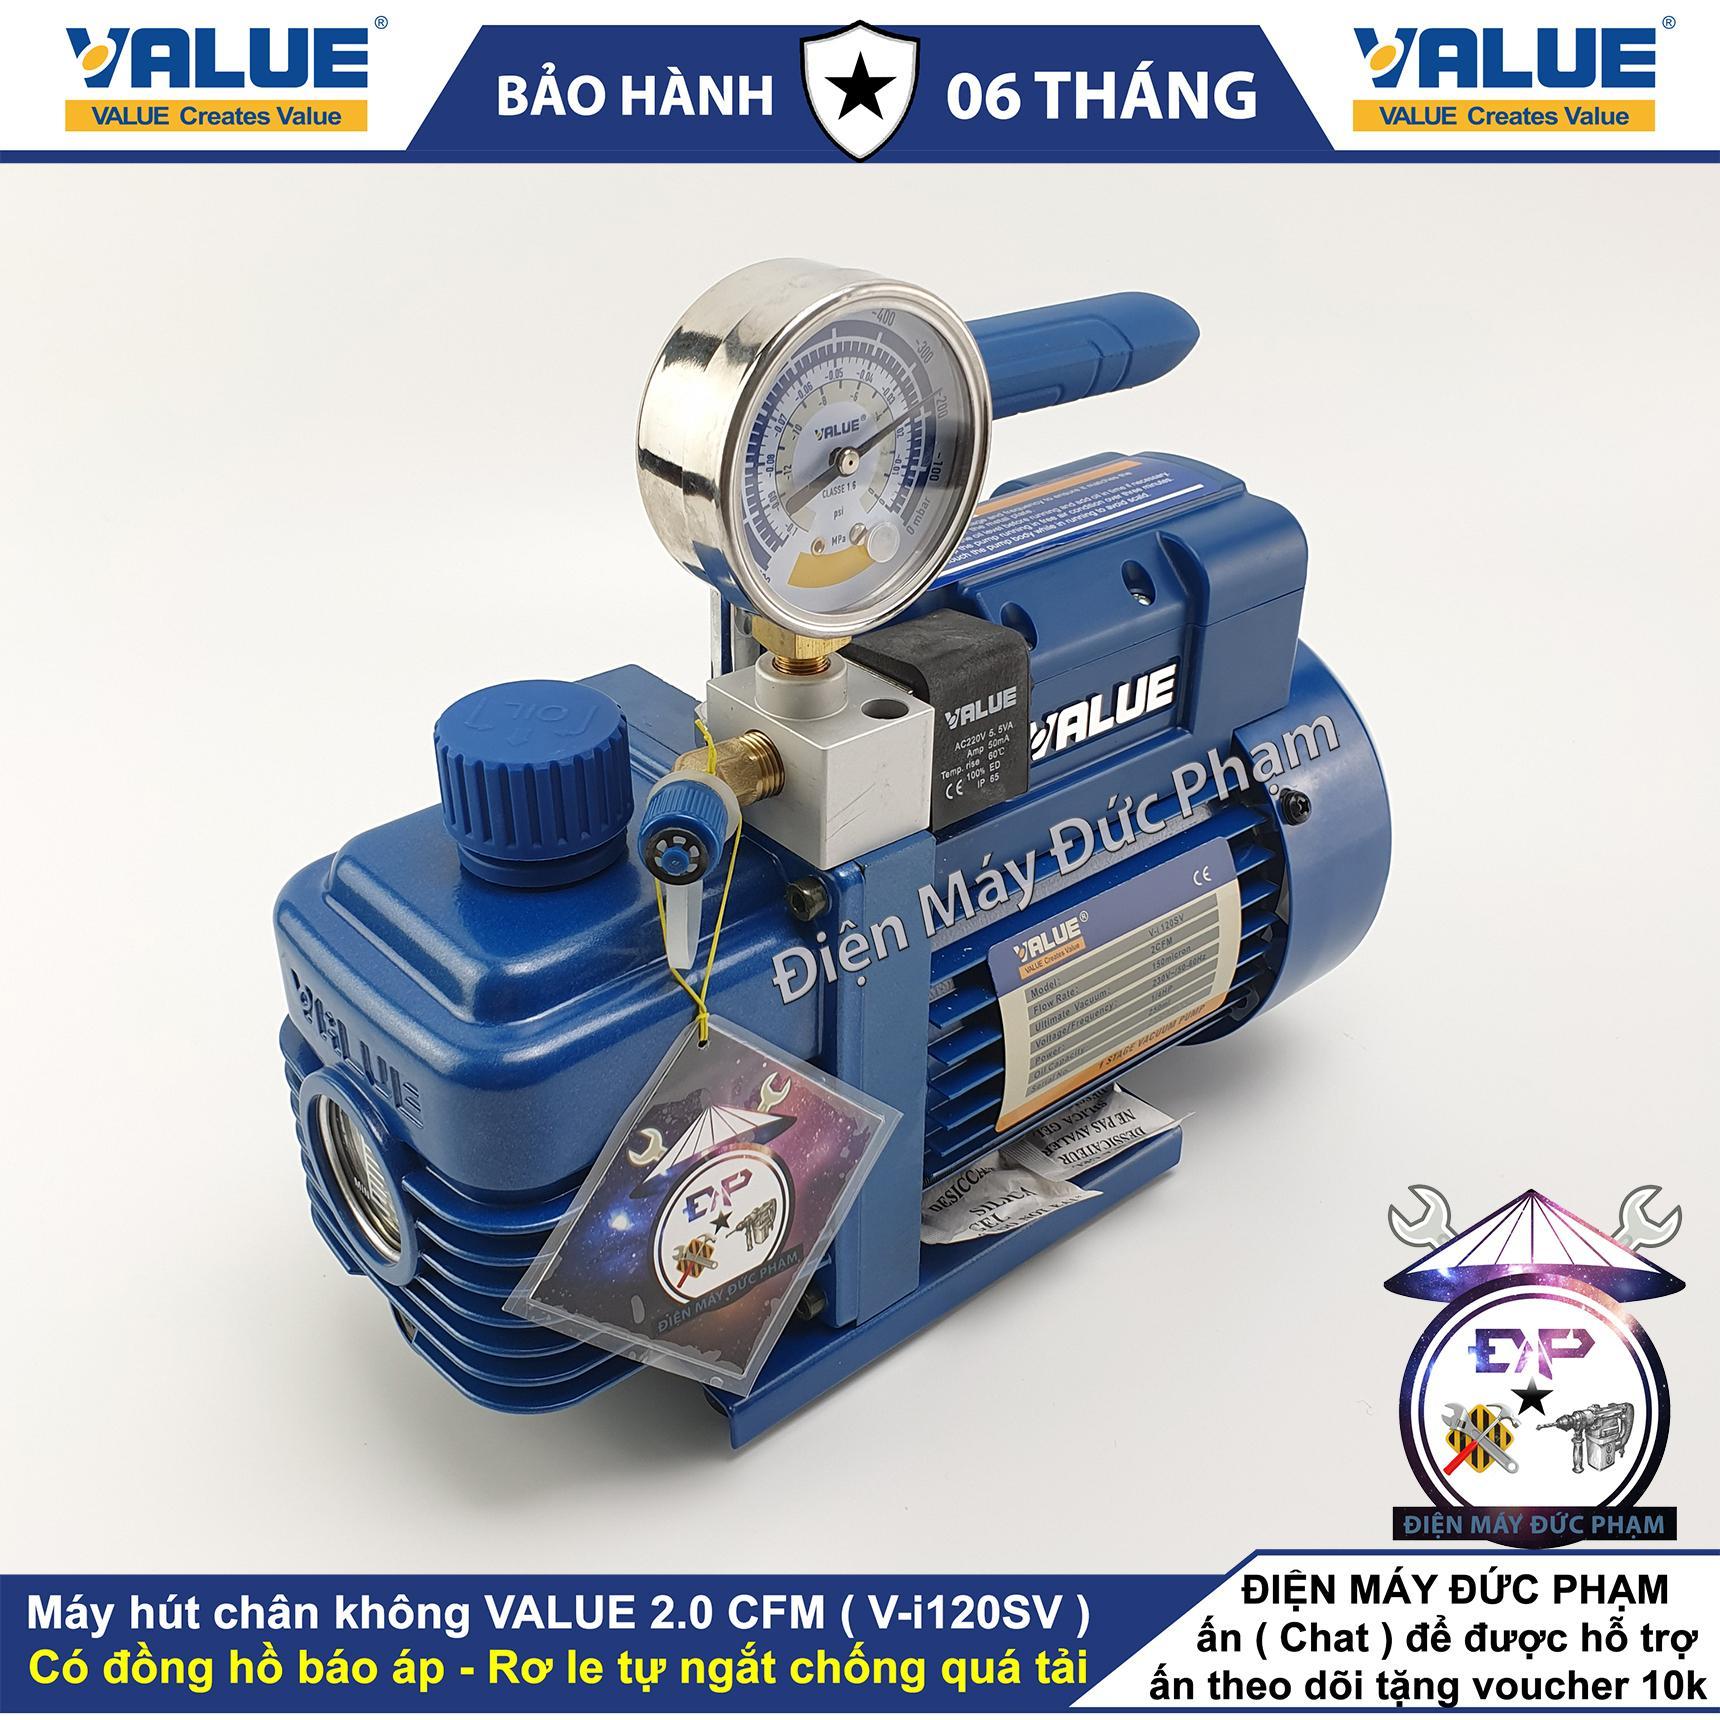 Máy hút chân không Value 2.0 CFM V-i120SV có đồng hồ báo áp